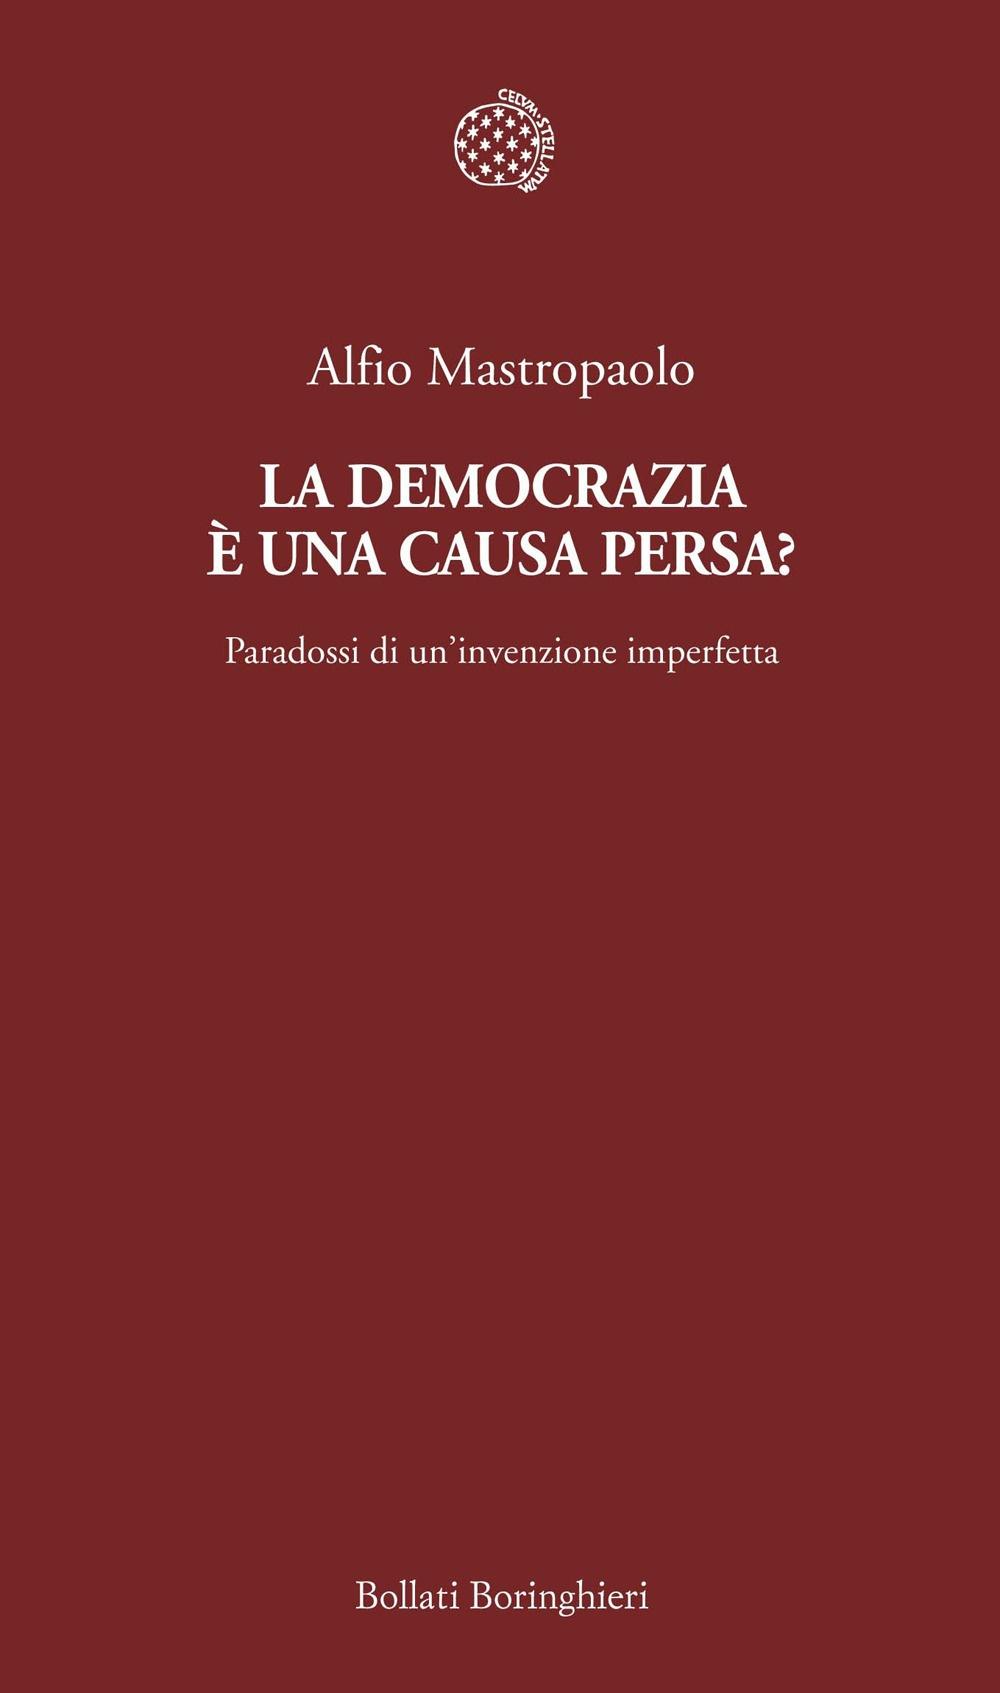 La democrazia è una causa persa? Paradossi di un'invenzione imperfetta